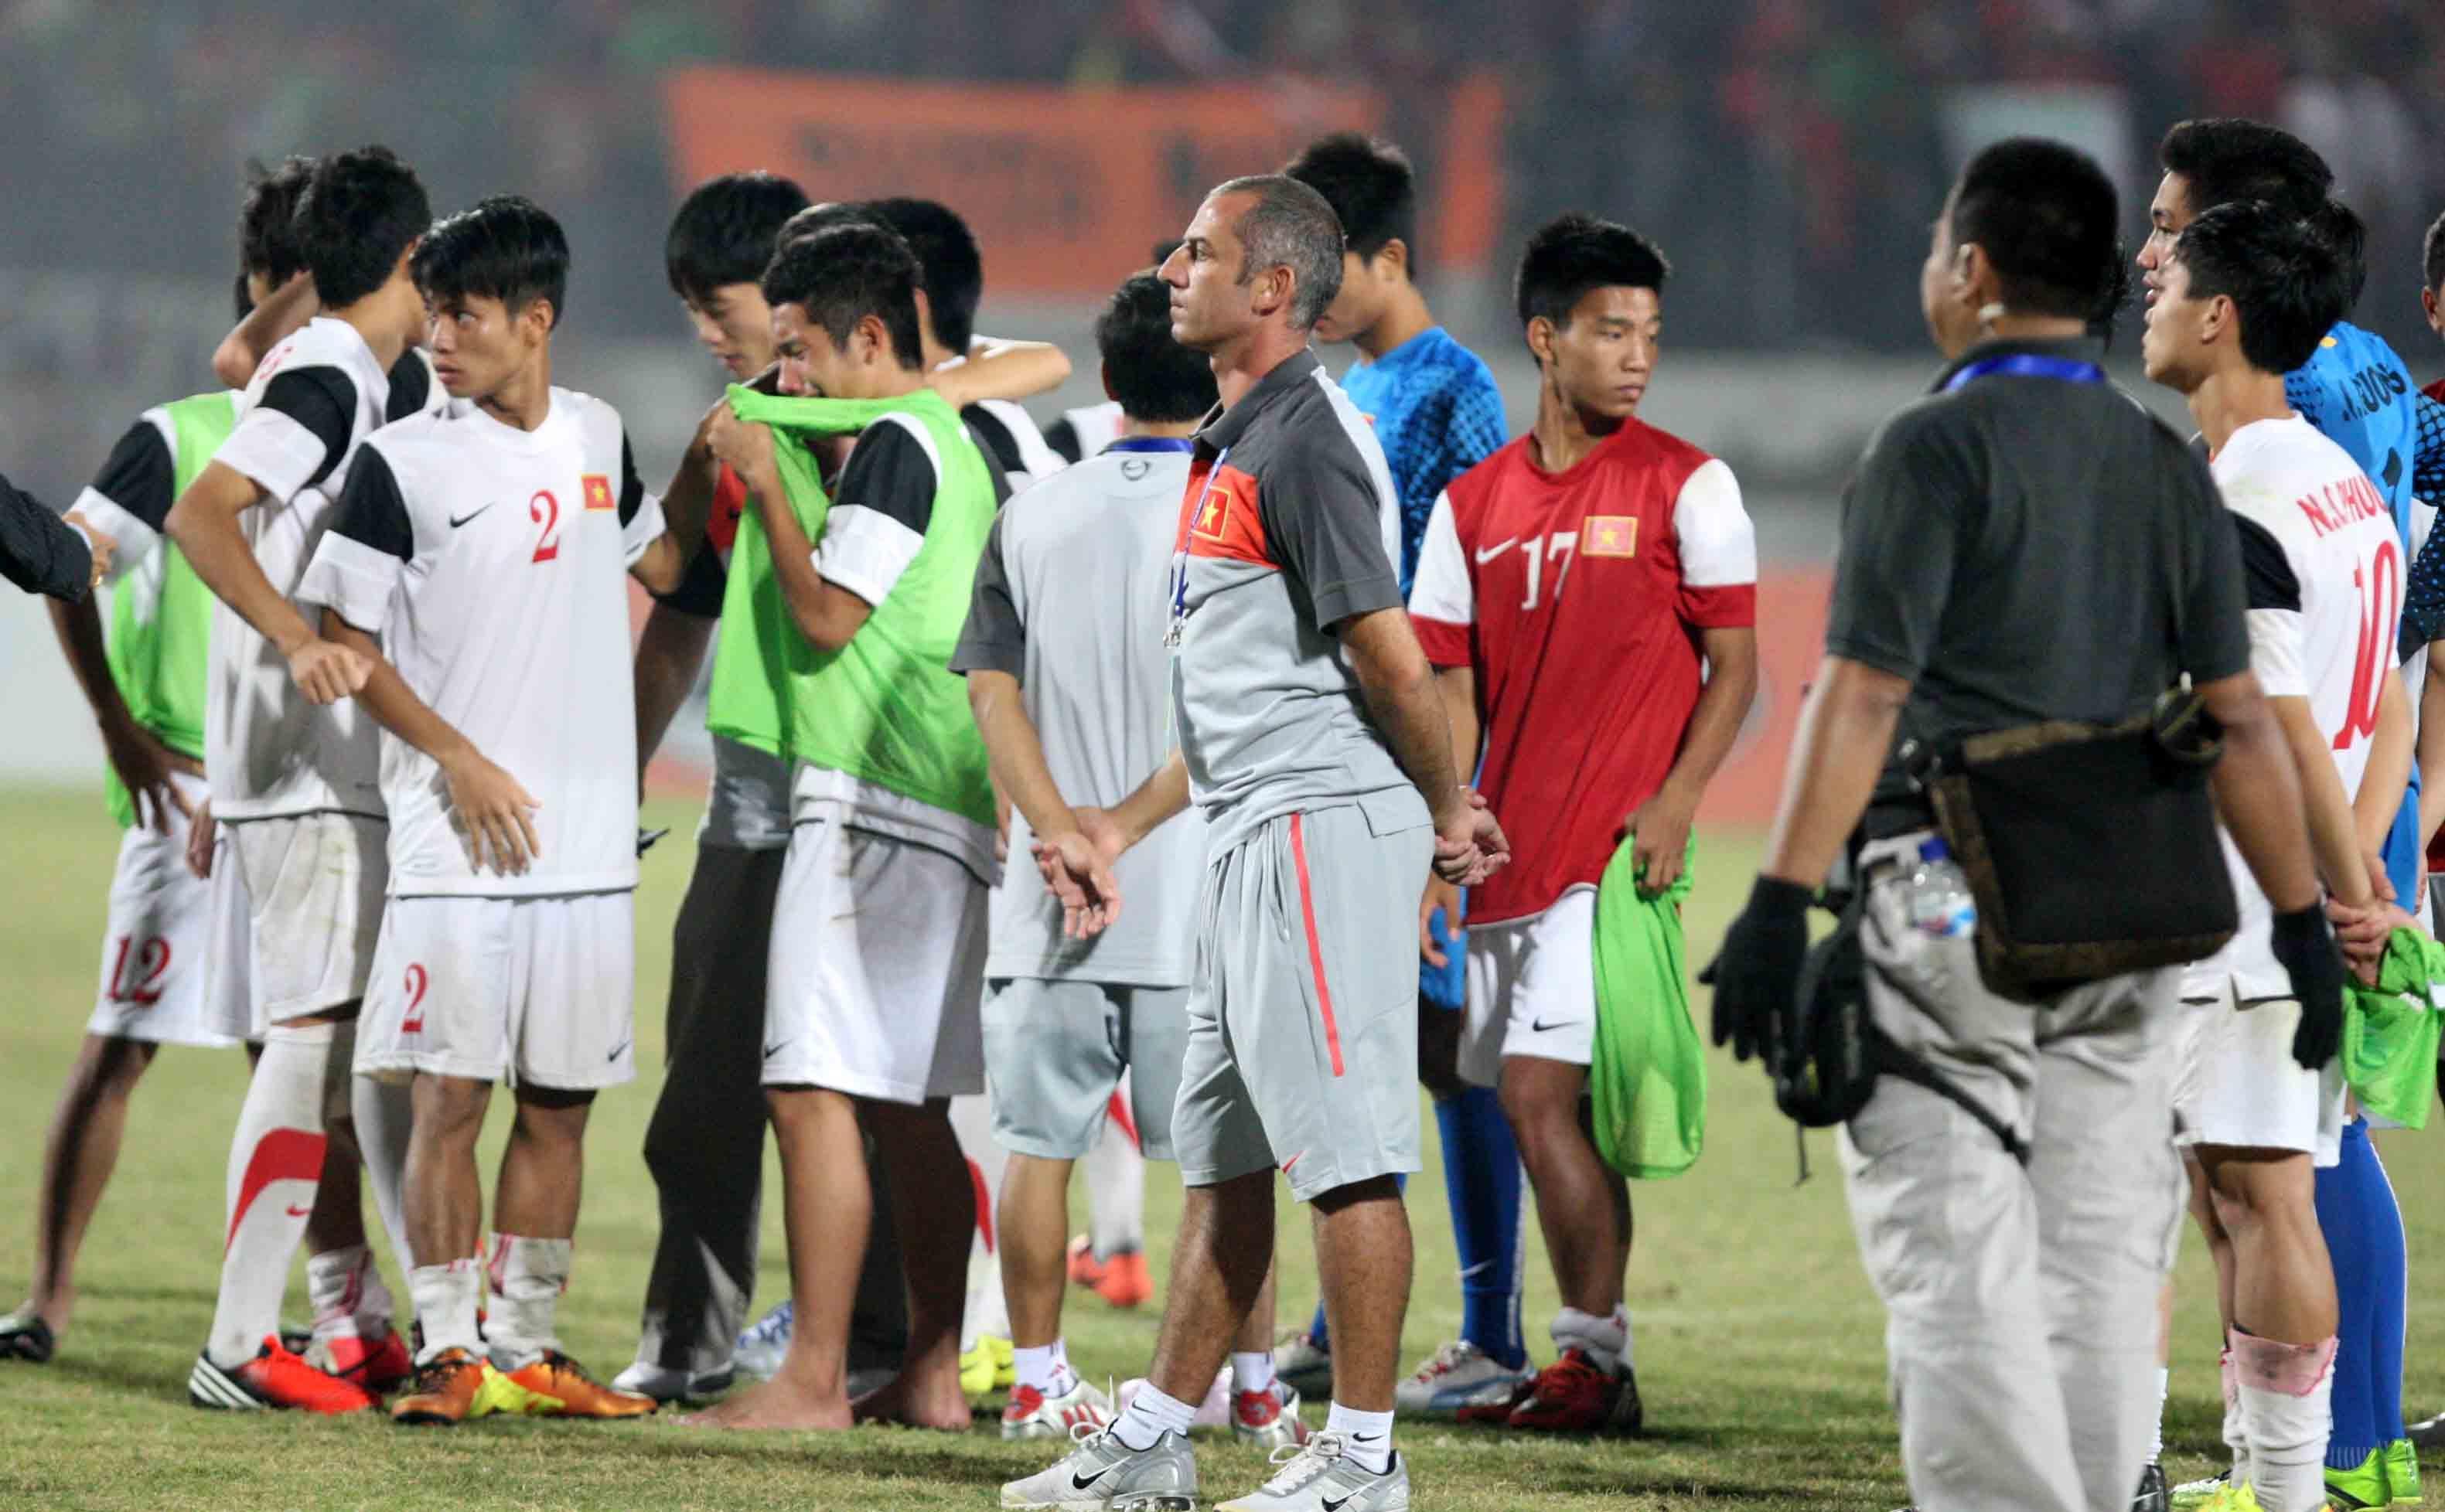 U19 Việt Nam đang cần chiến thắng để lấy cú hích về mặt tinh thần